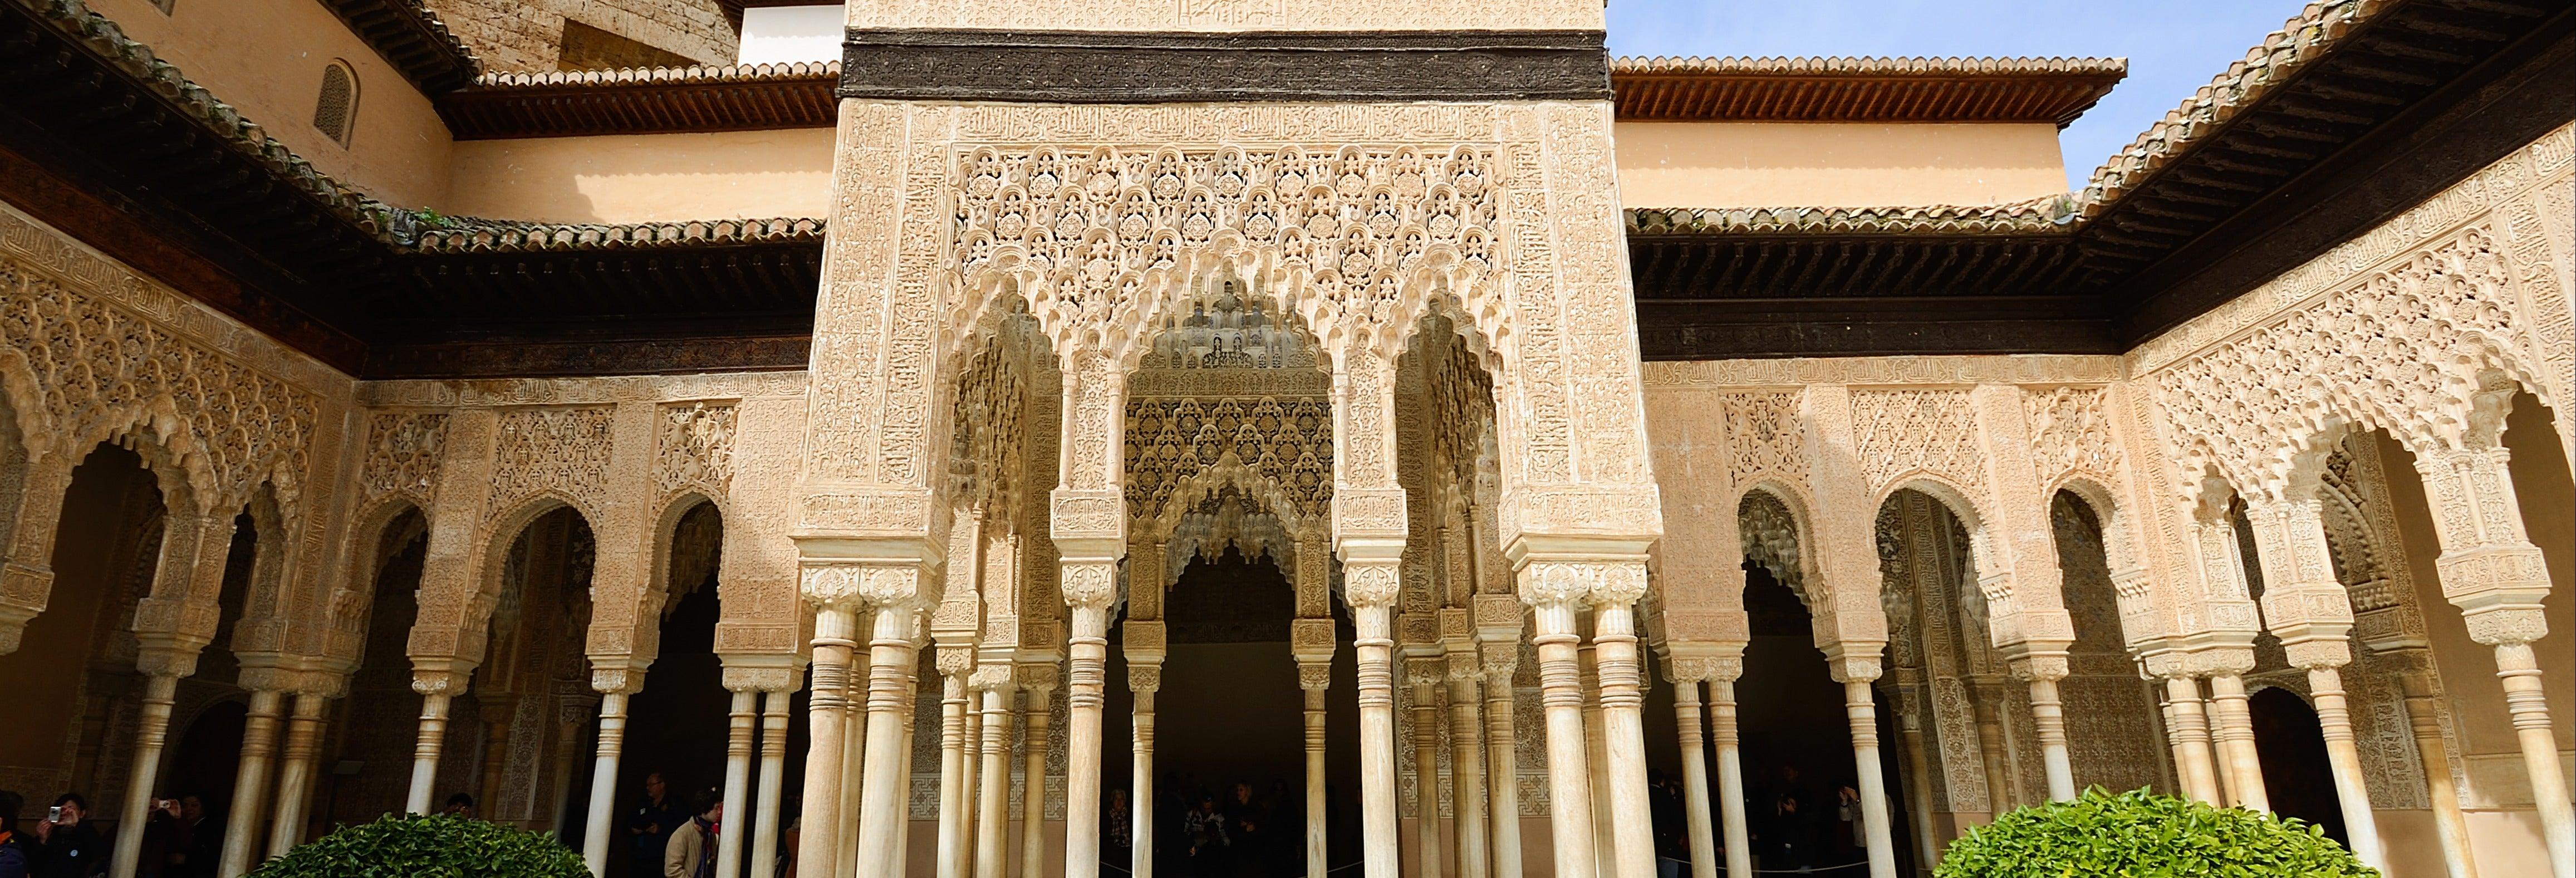 Excursão à Alhambra